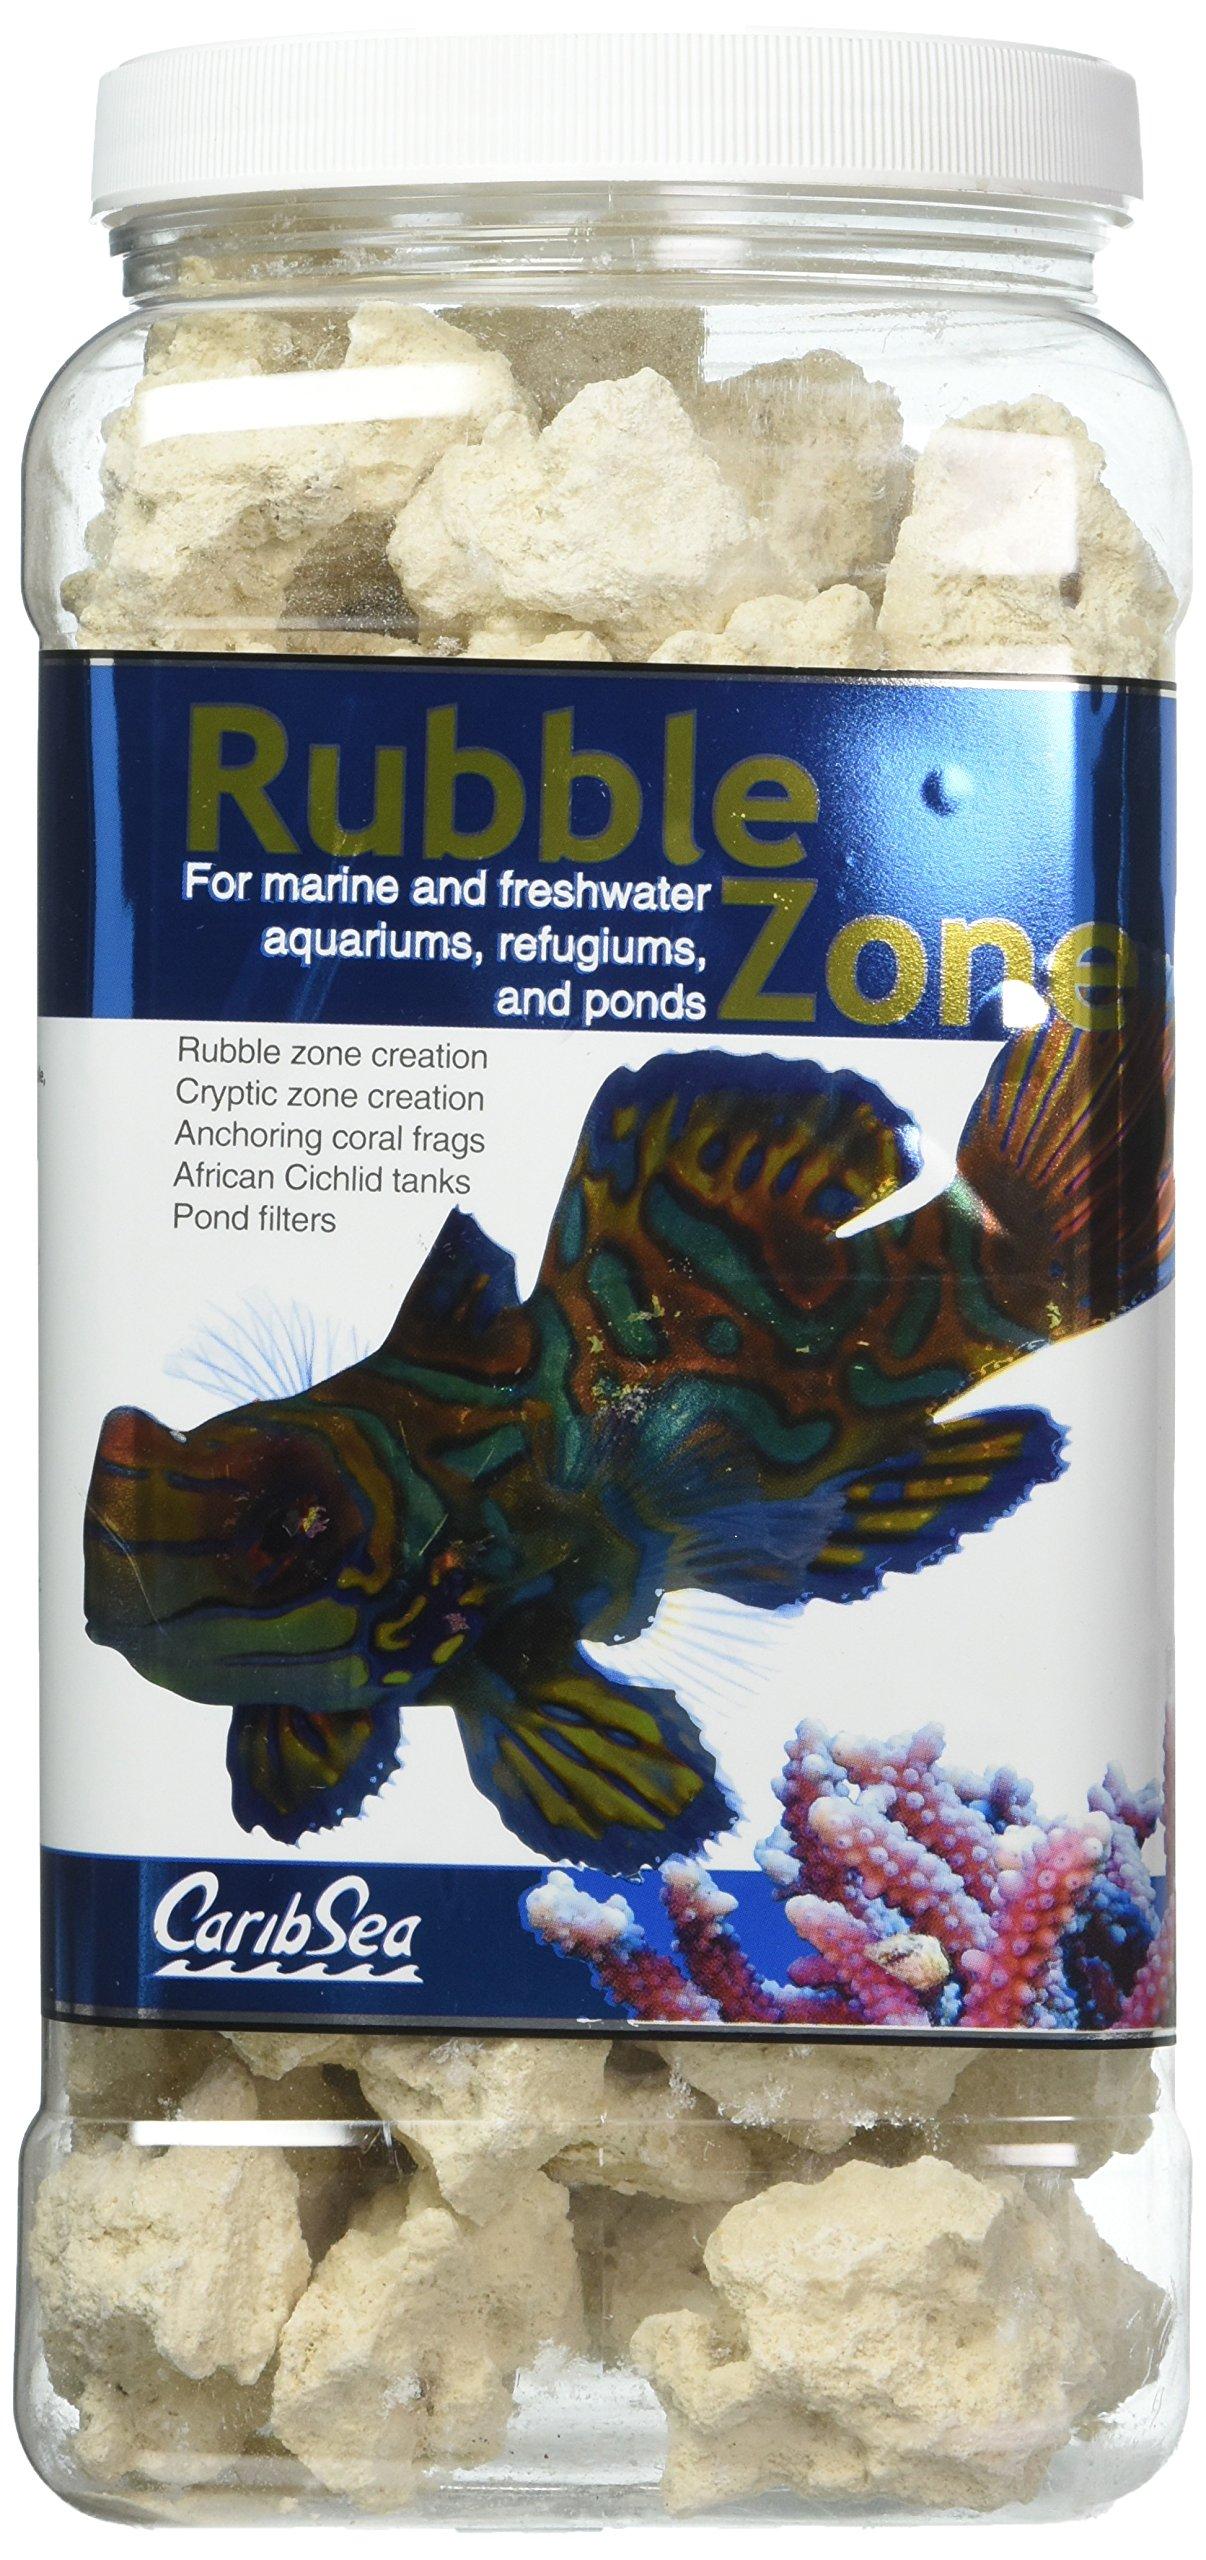 CaribSea Aquatics Rubble Zone, 6 lb/1 gallon